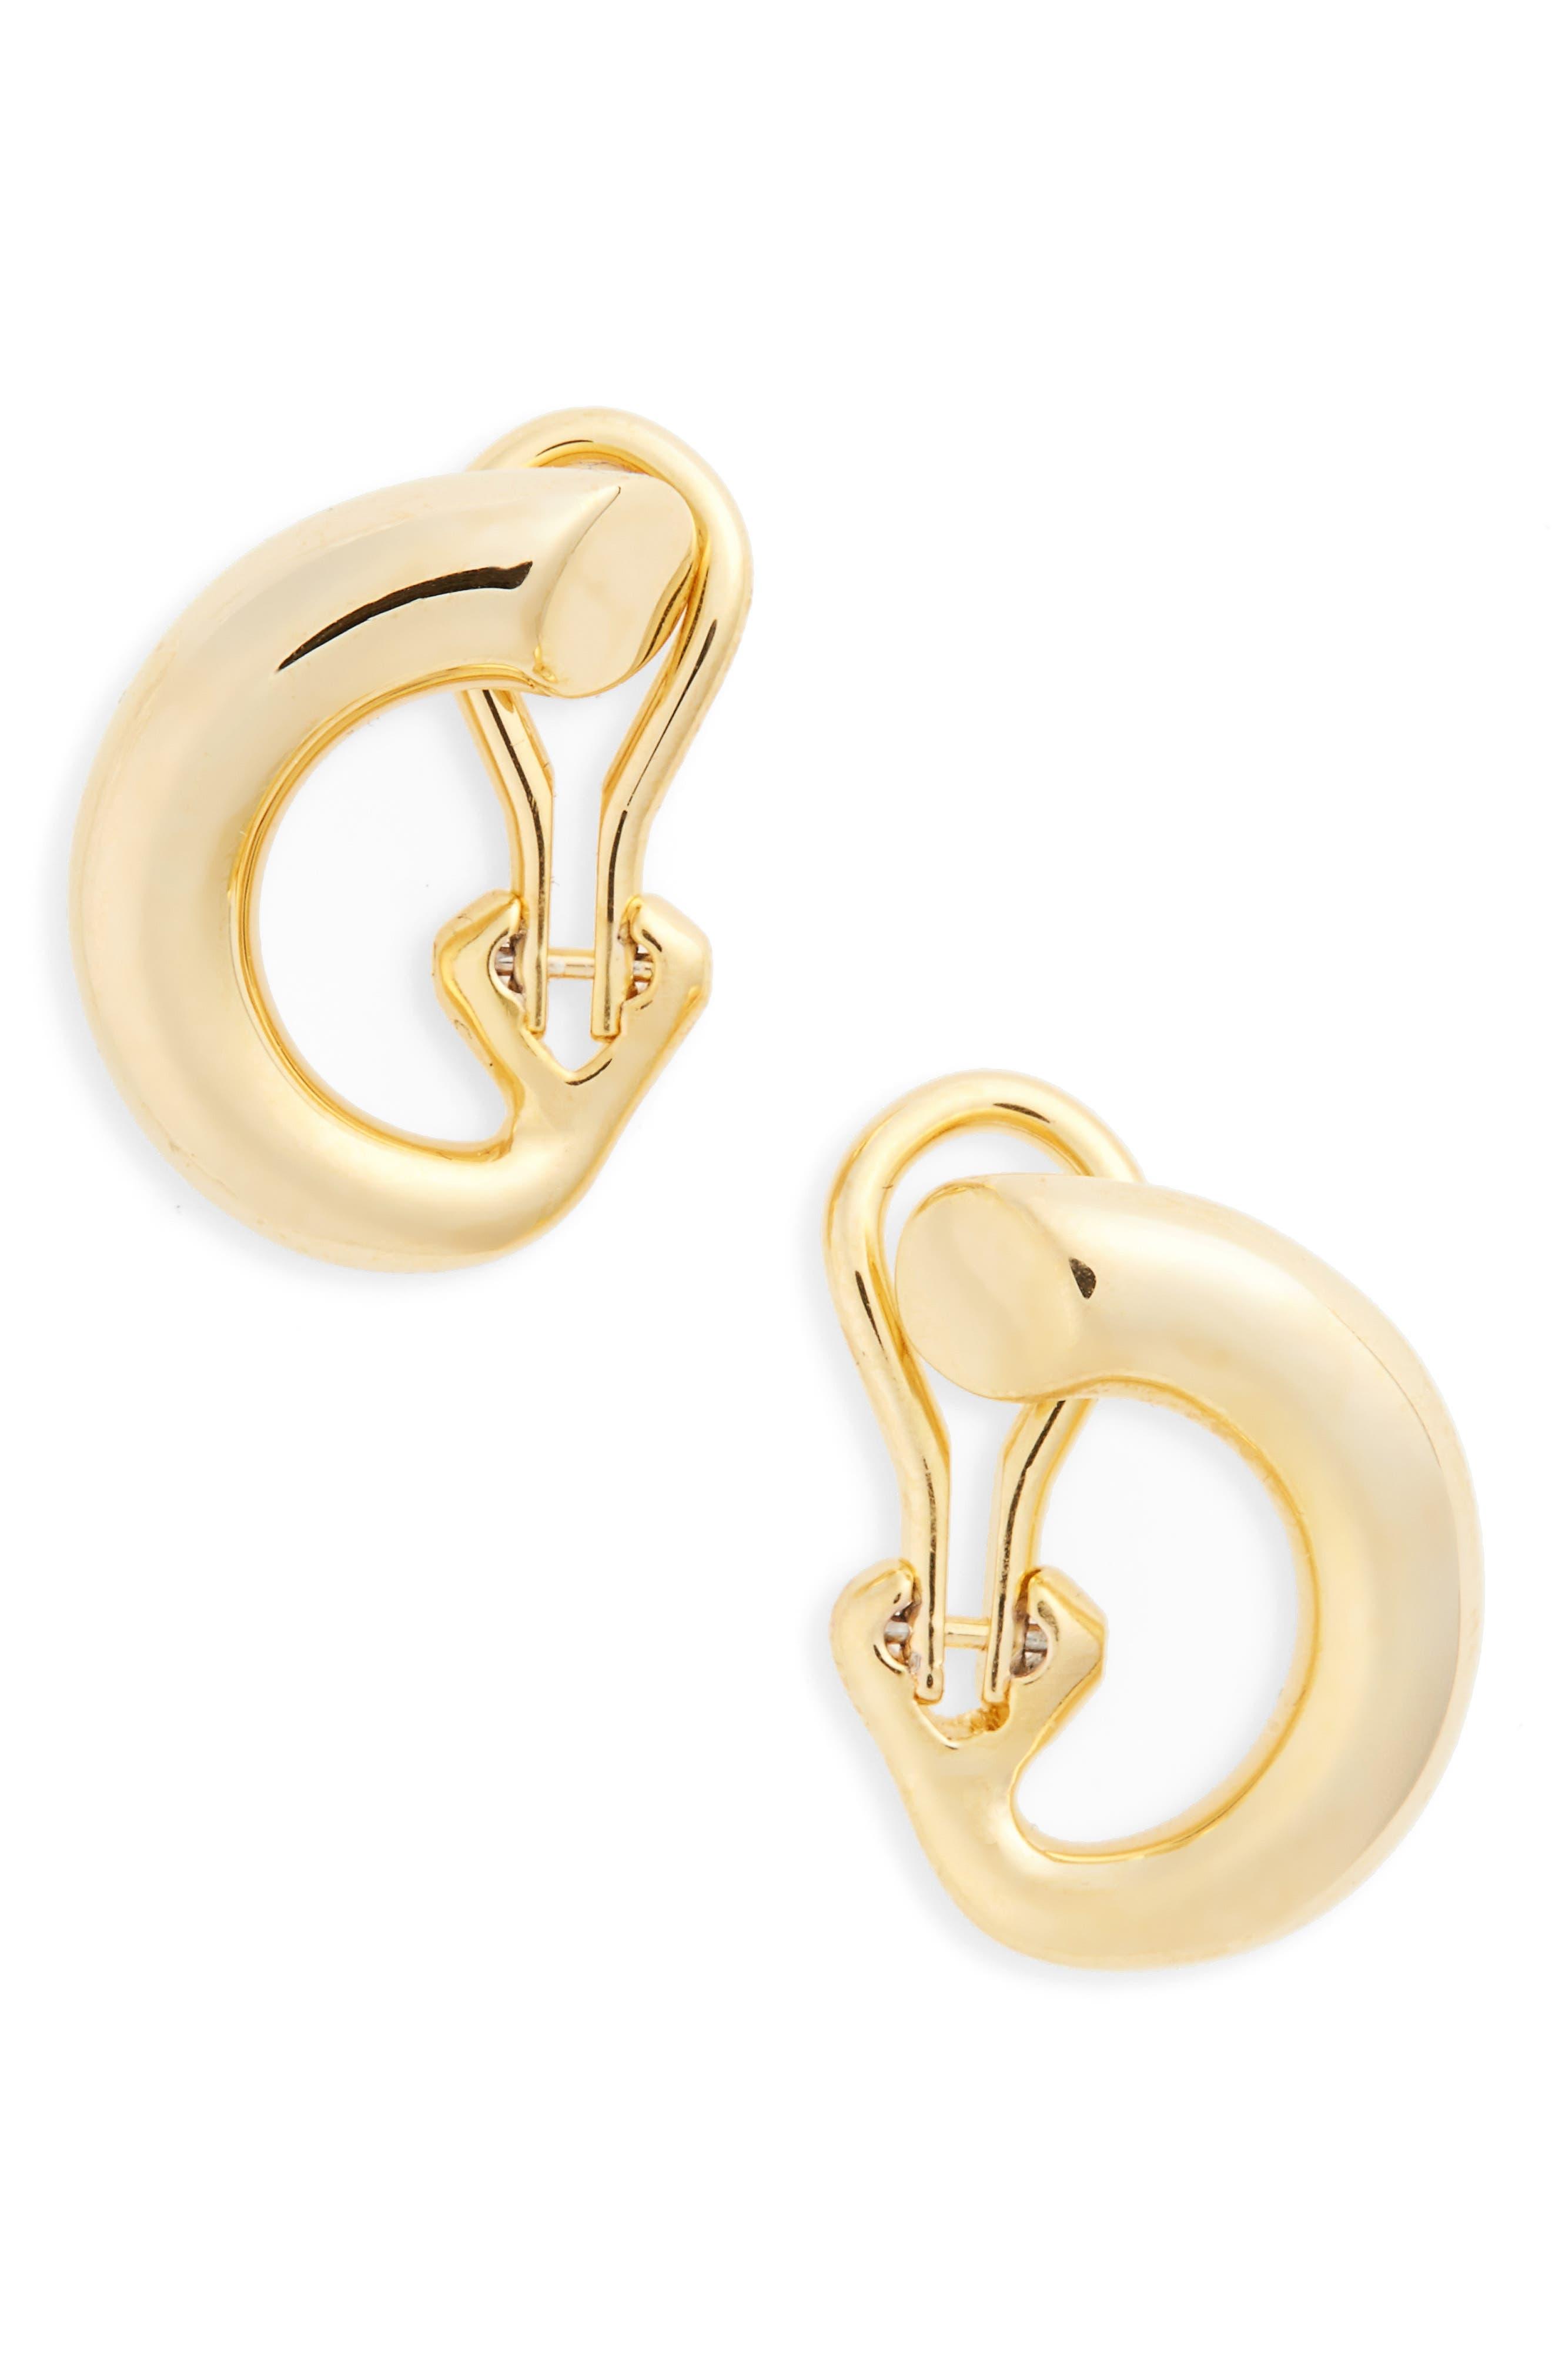 Monie Small Vermeil Hoop Earrings,                         Main,                         color, 710